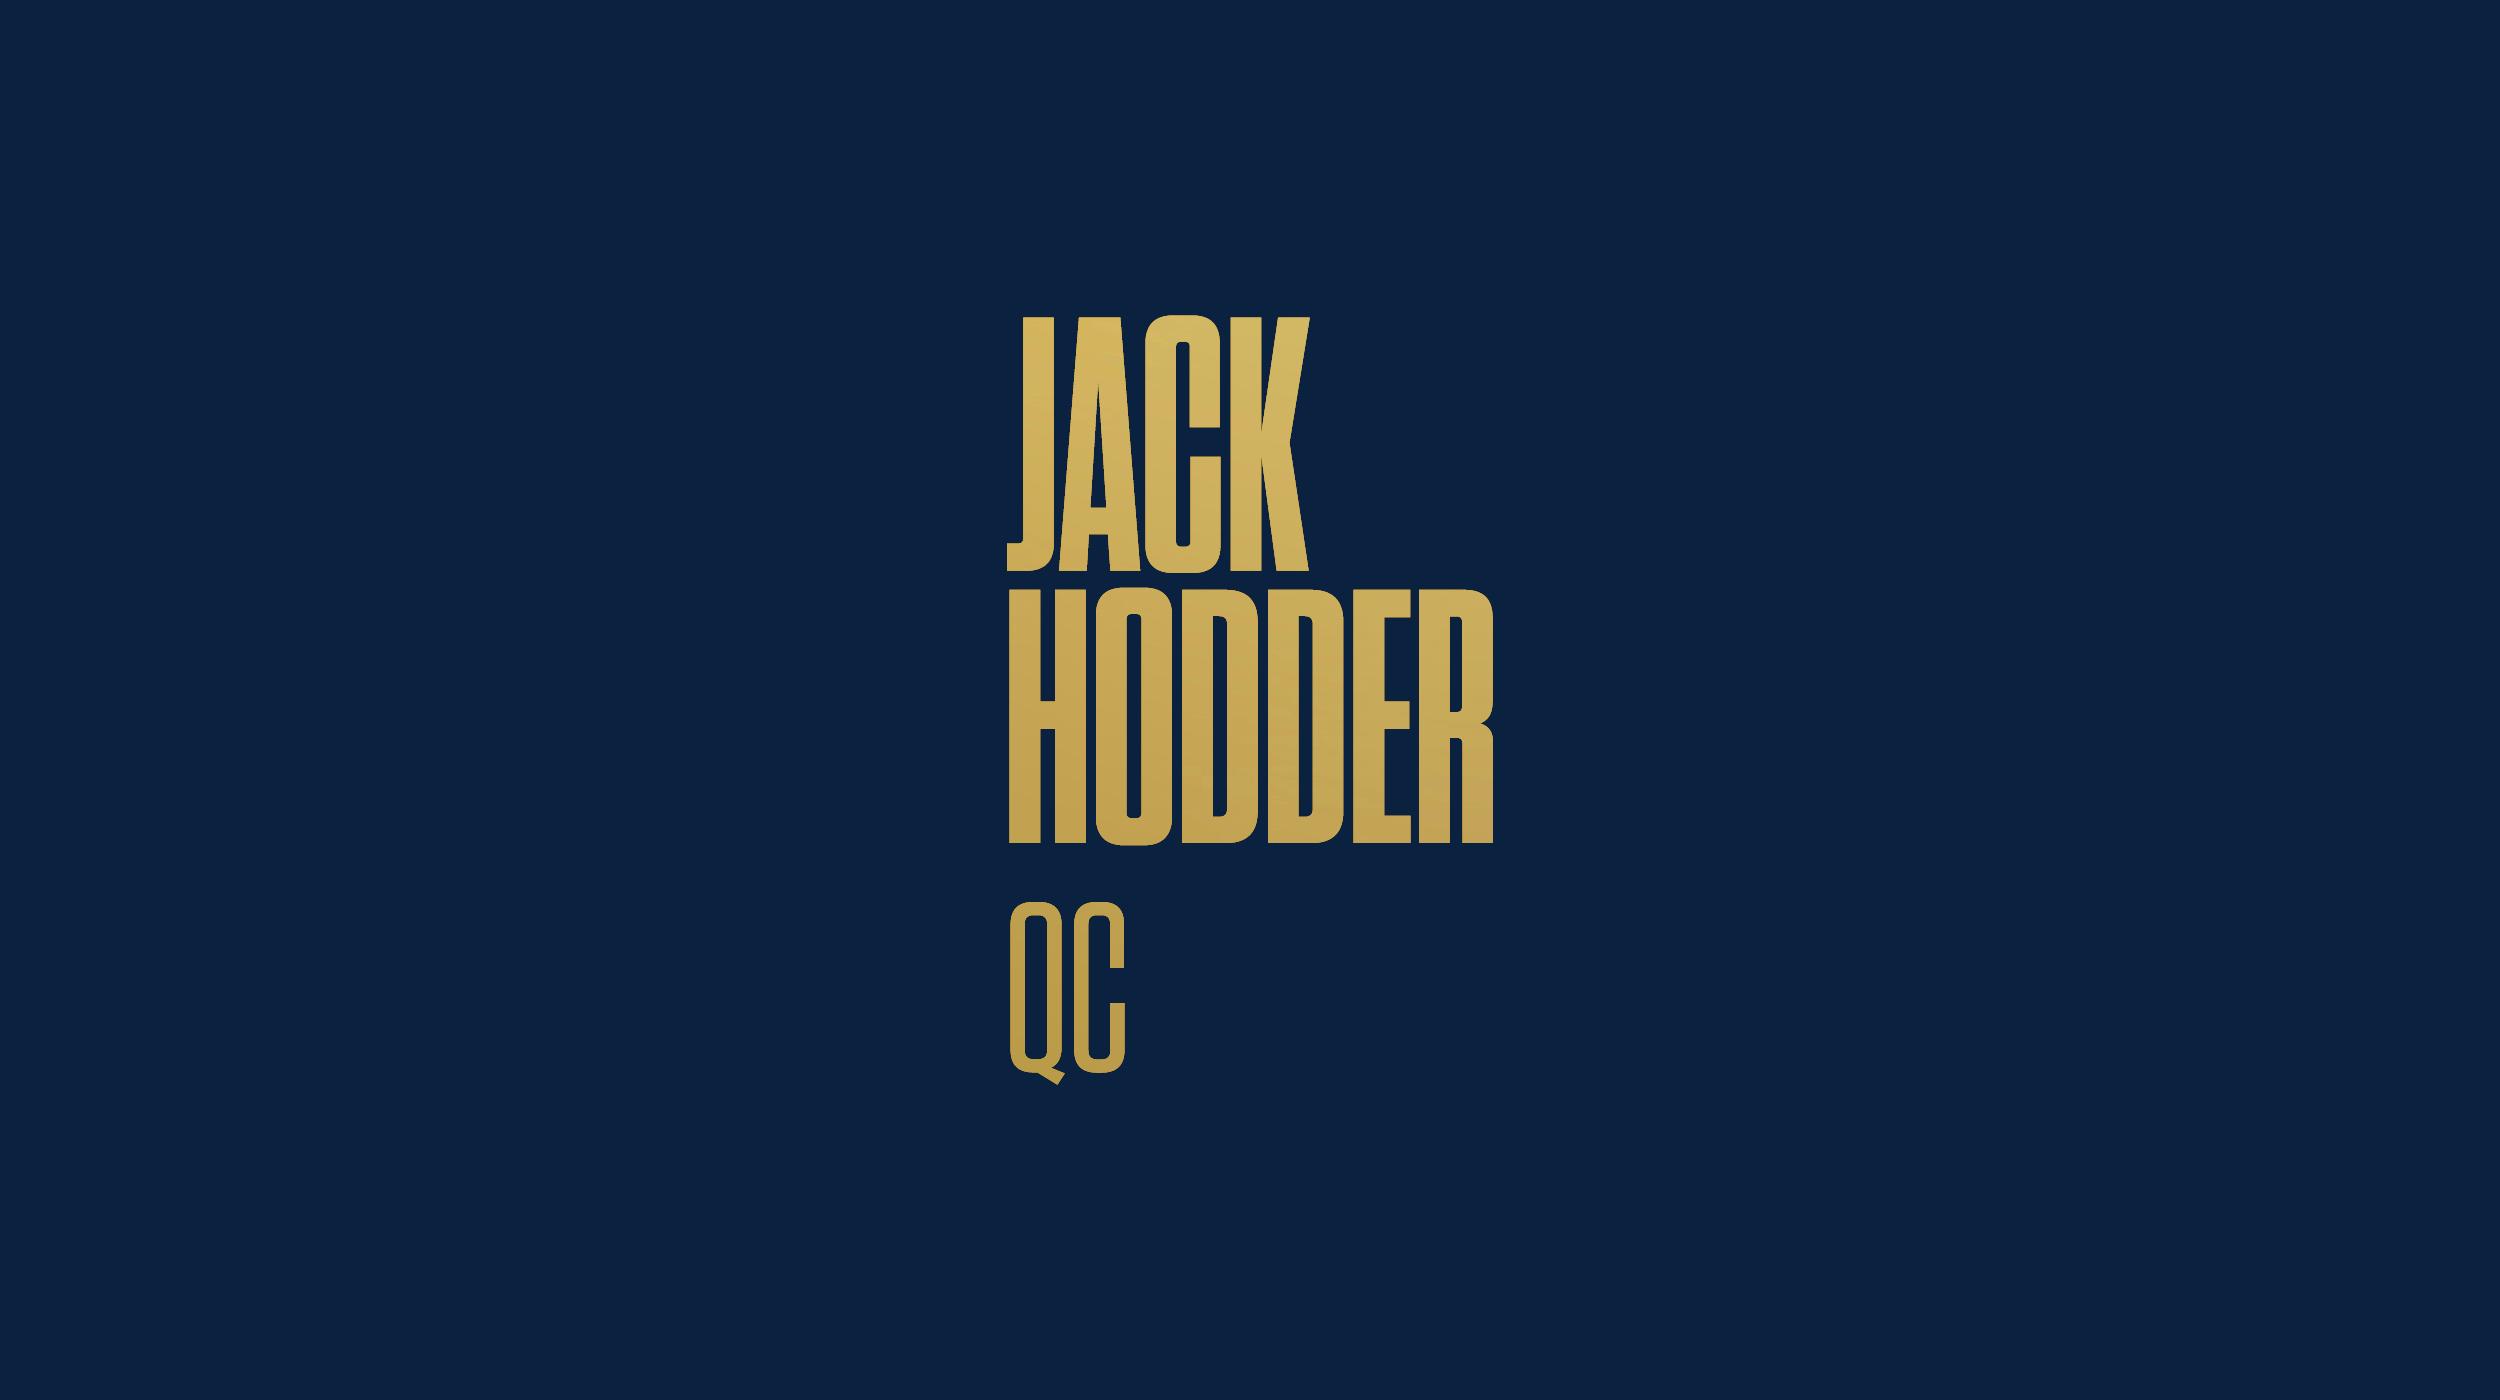 Jack Hodder Case Study Images_20182.jpg